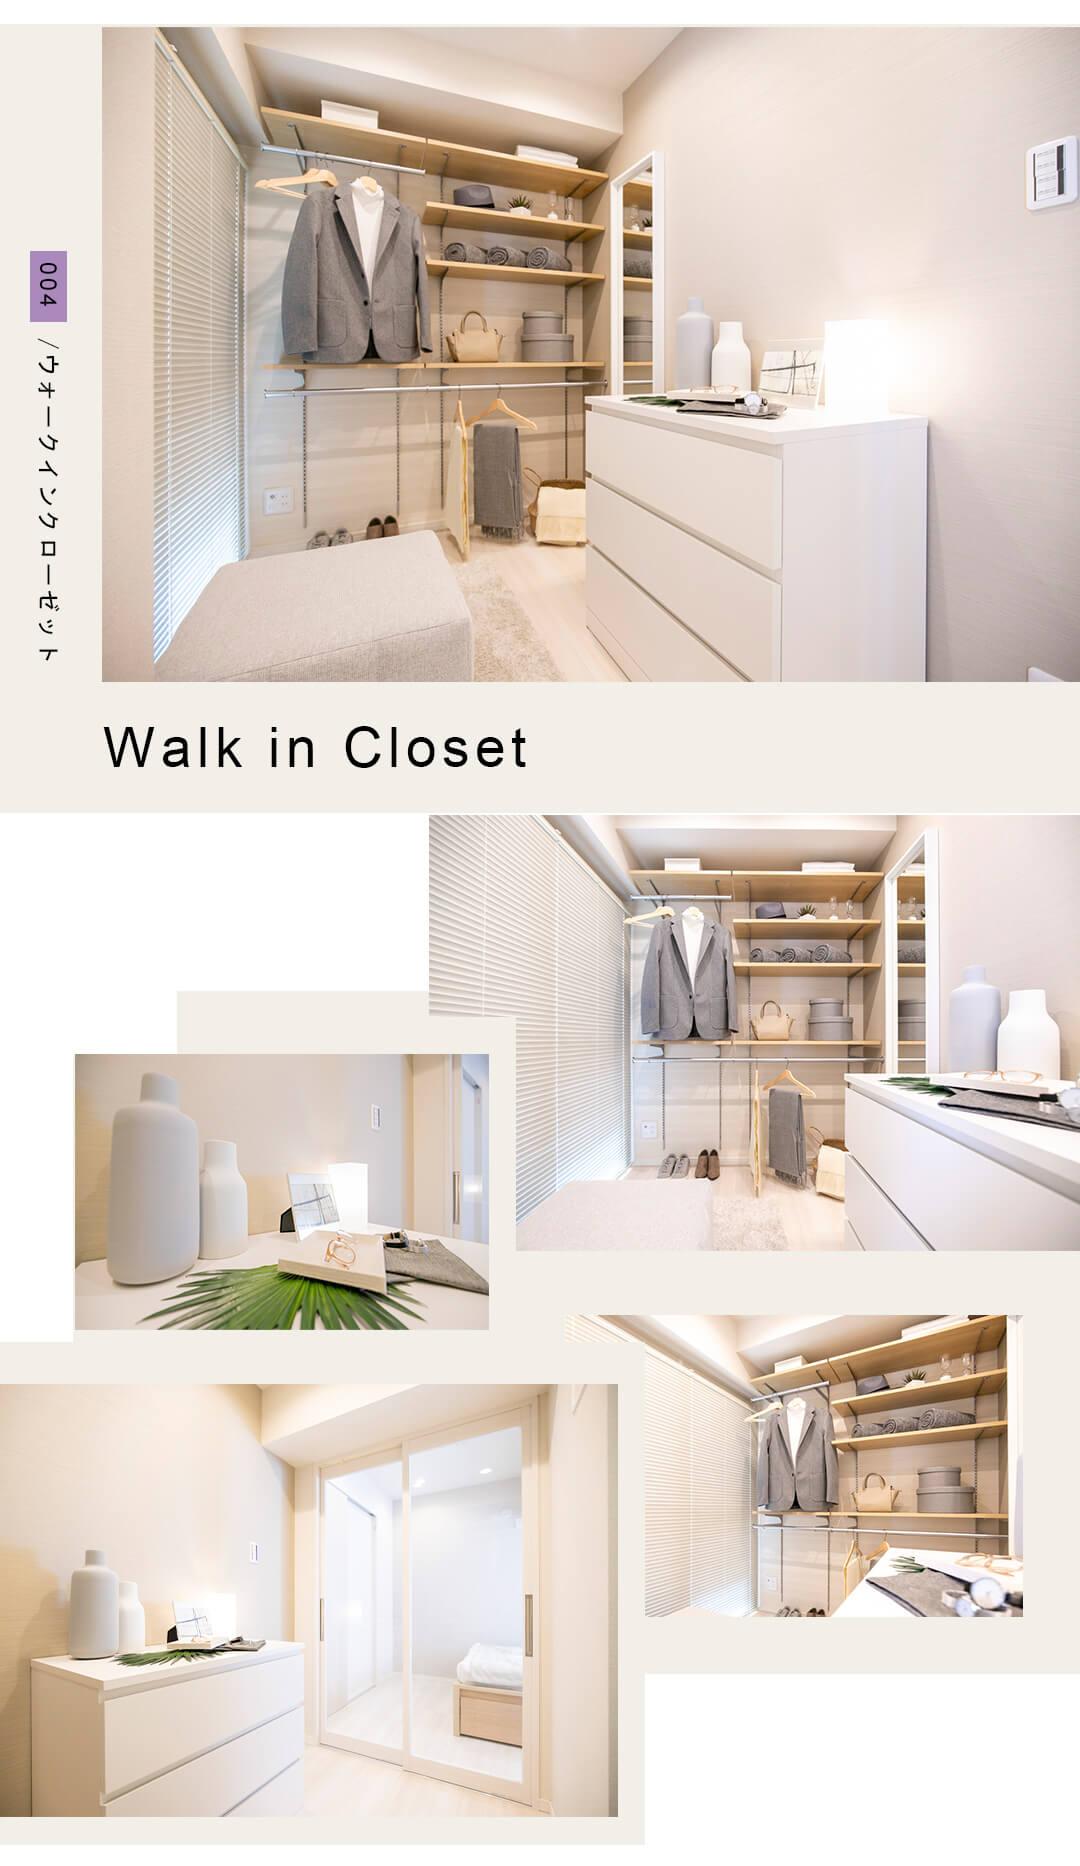 004ウォークインクローゼット,walk in closet